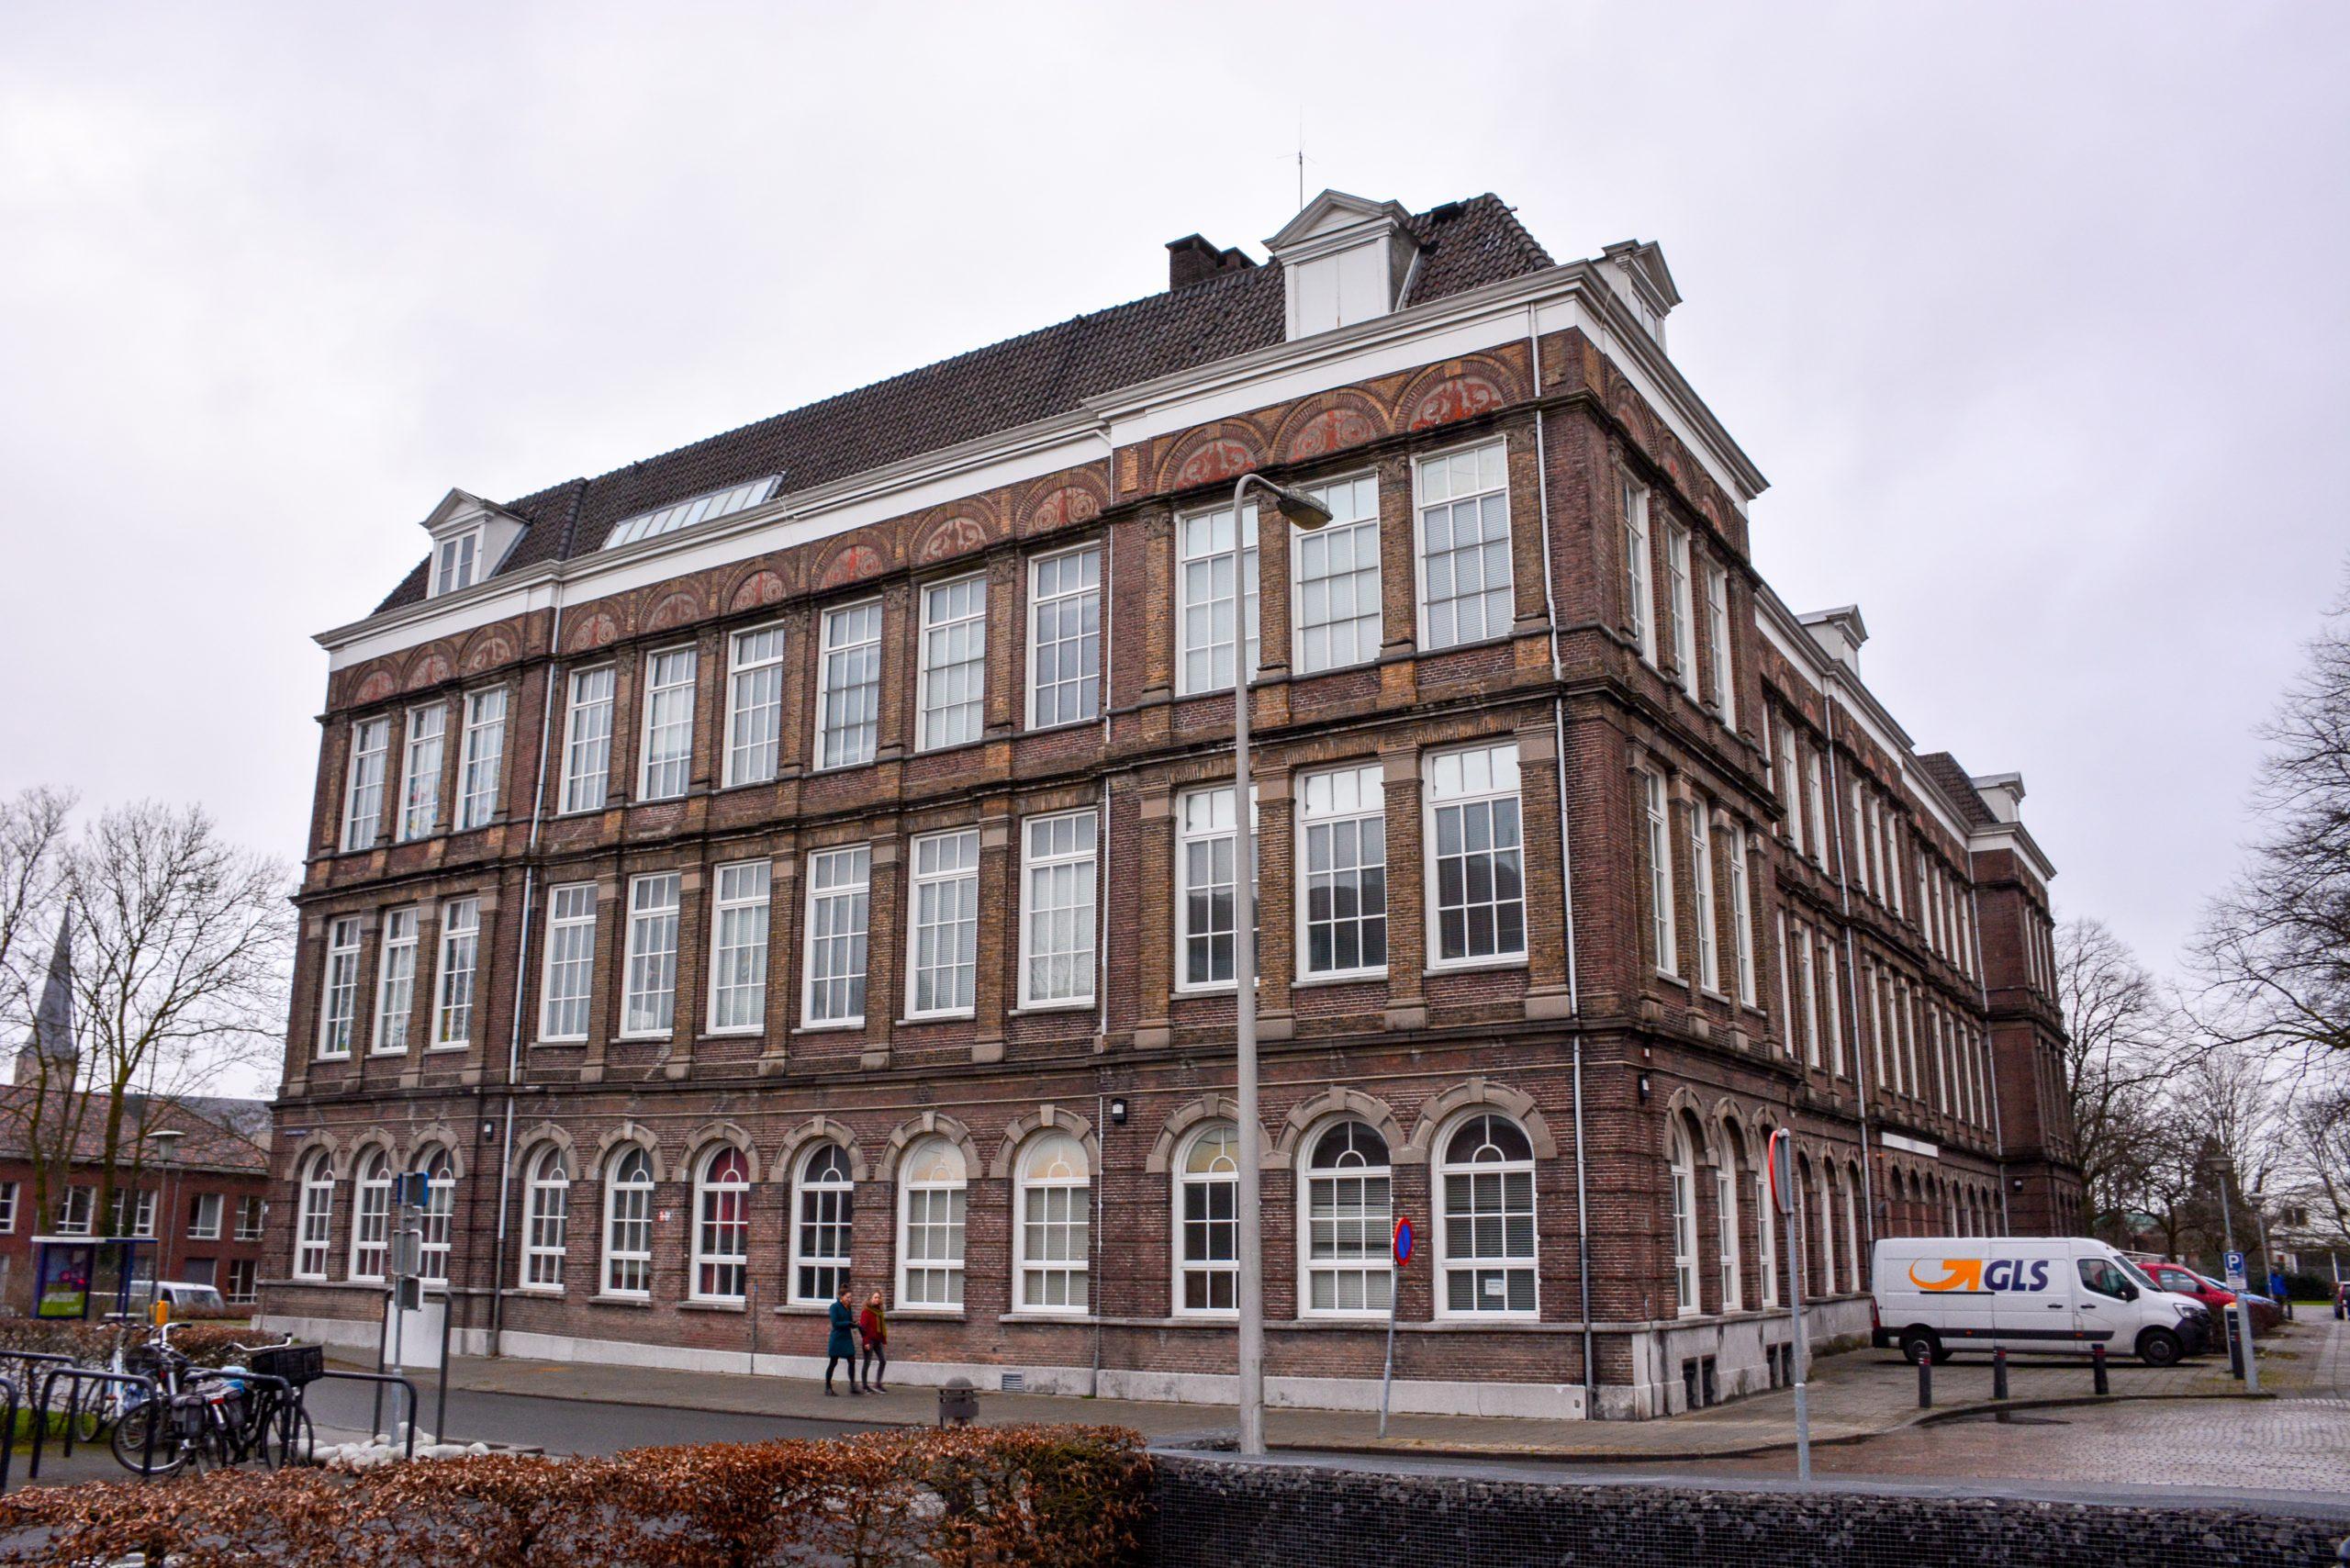 Verkoop HBS aan IJsselheem